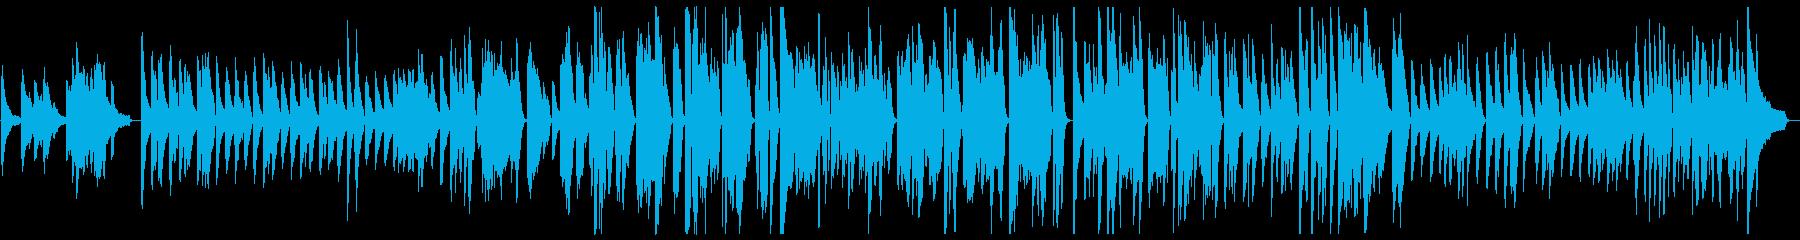 ディズニー映画「白雪姫」でお馴染みのの再生済みの波形